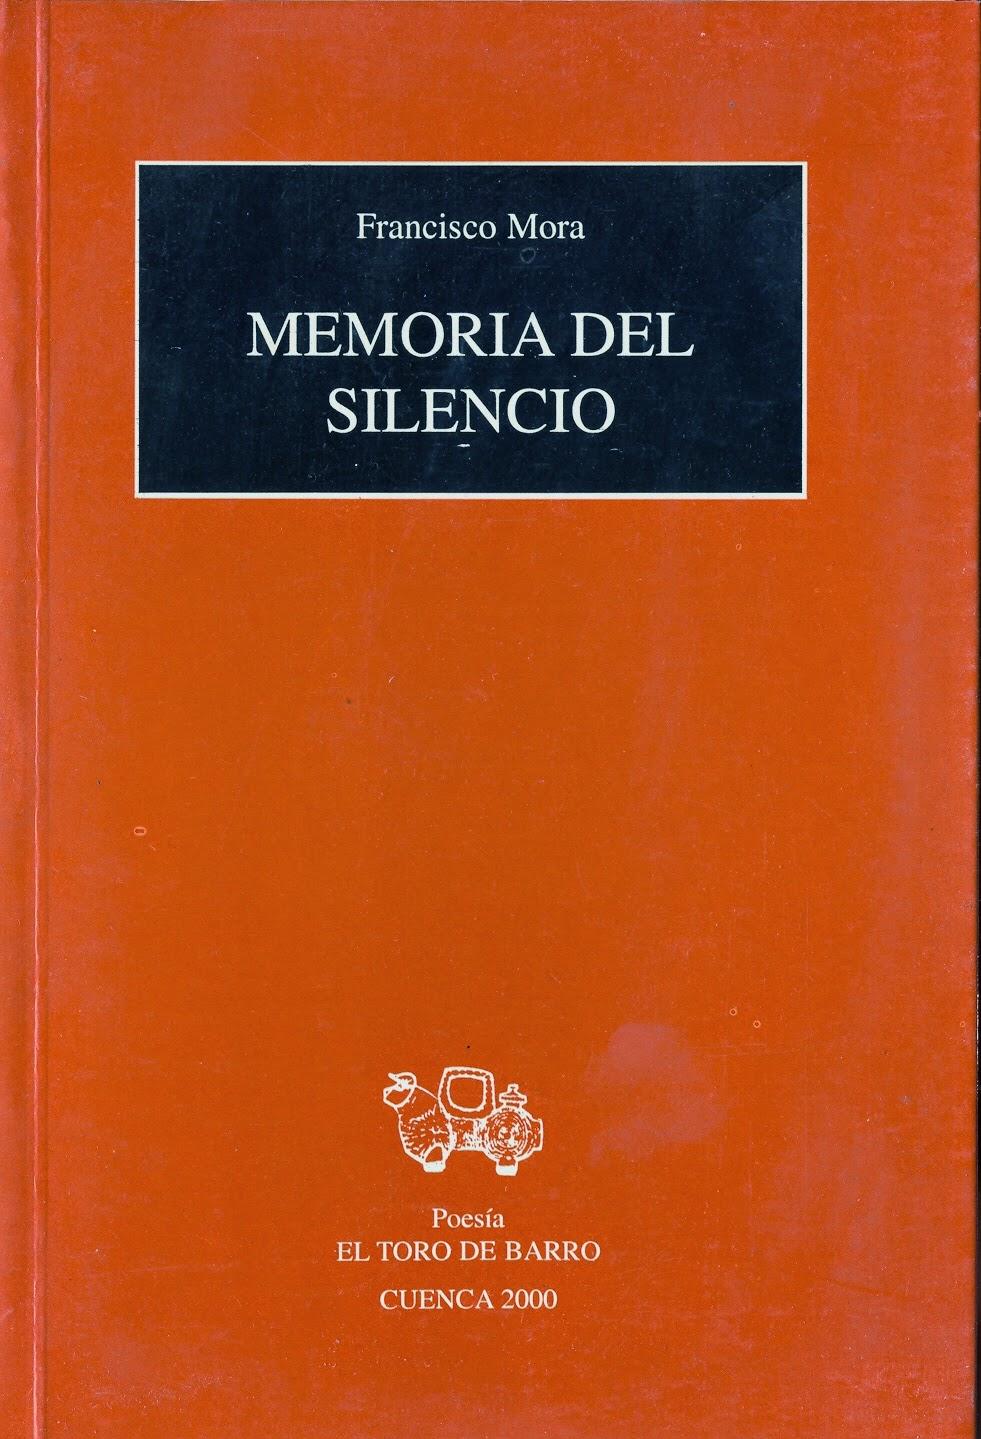 """Francisco Mora, """"Memorias del silencio"""" Ed. El Toro de Barro,  Tarancón de Cuenca, 2000. PVP: 10 euros. edicioneseltorodebarro@yahoo.es"""